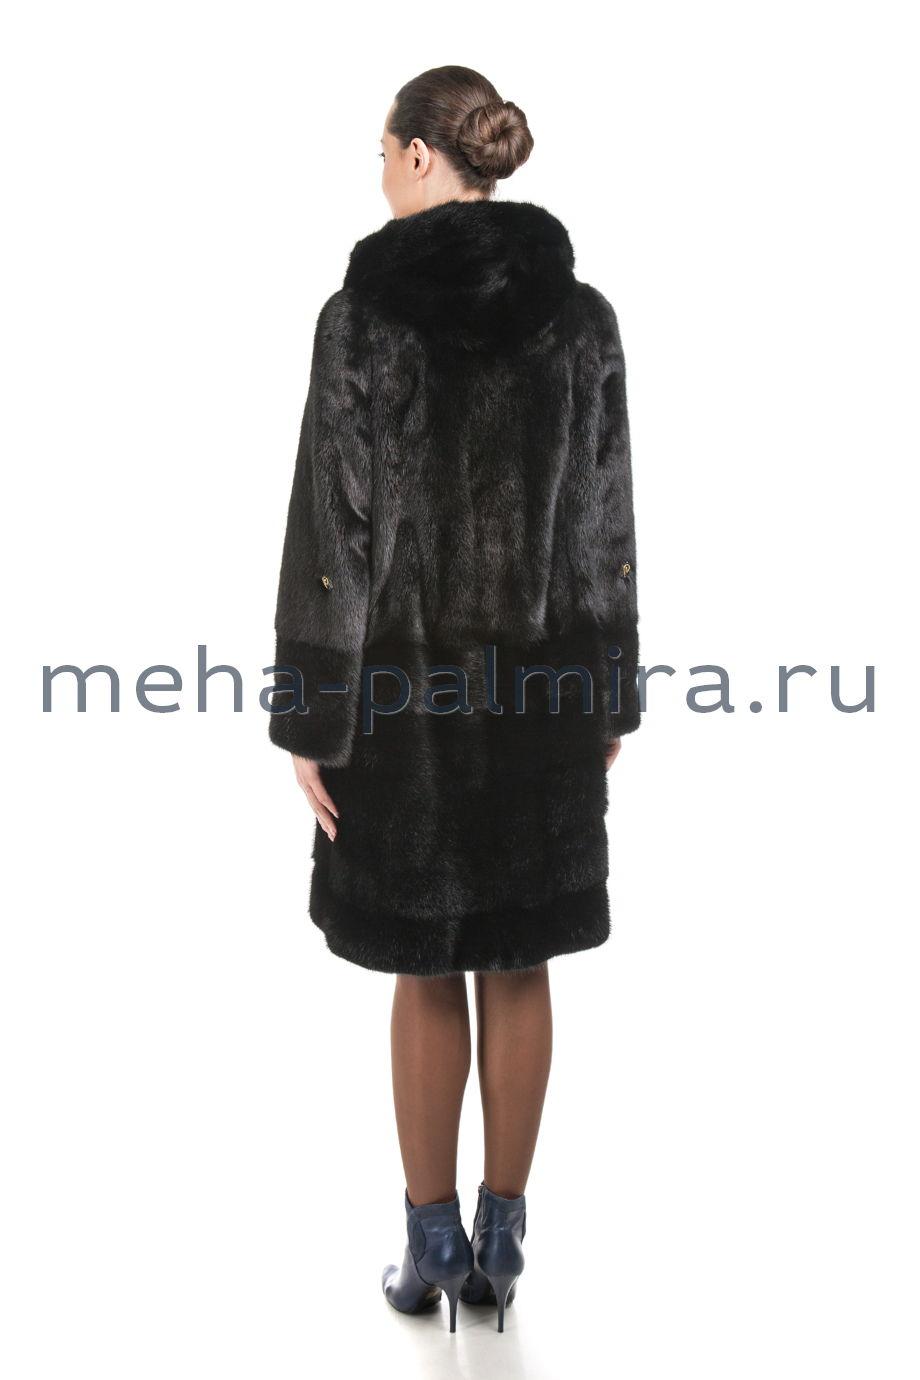 Шуба из норки с капюшоном черного цвета, 100 см